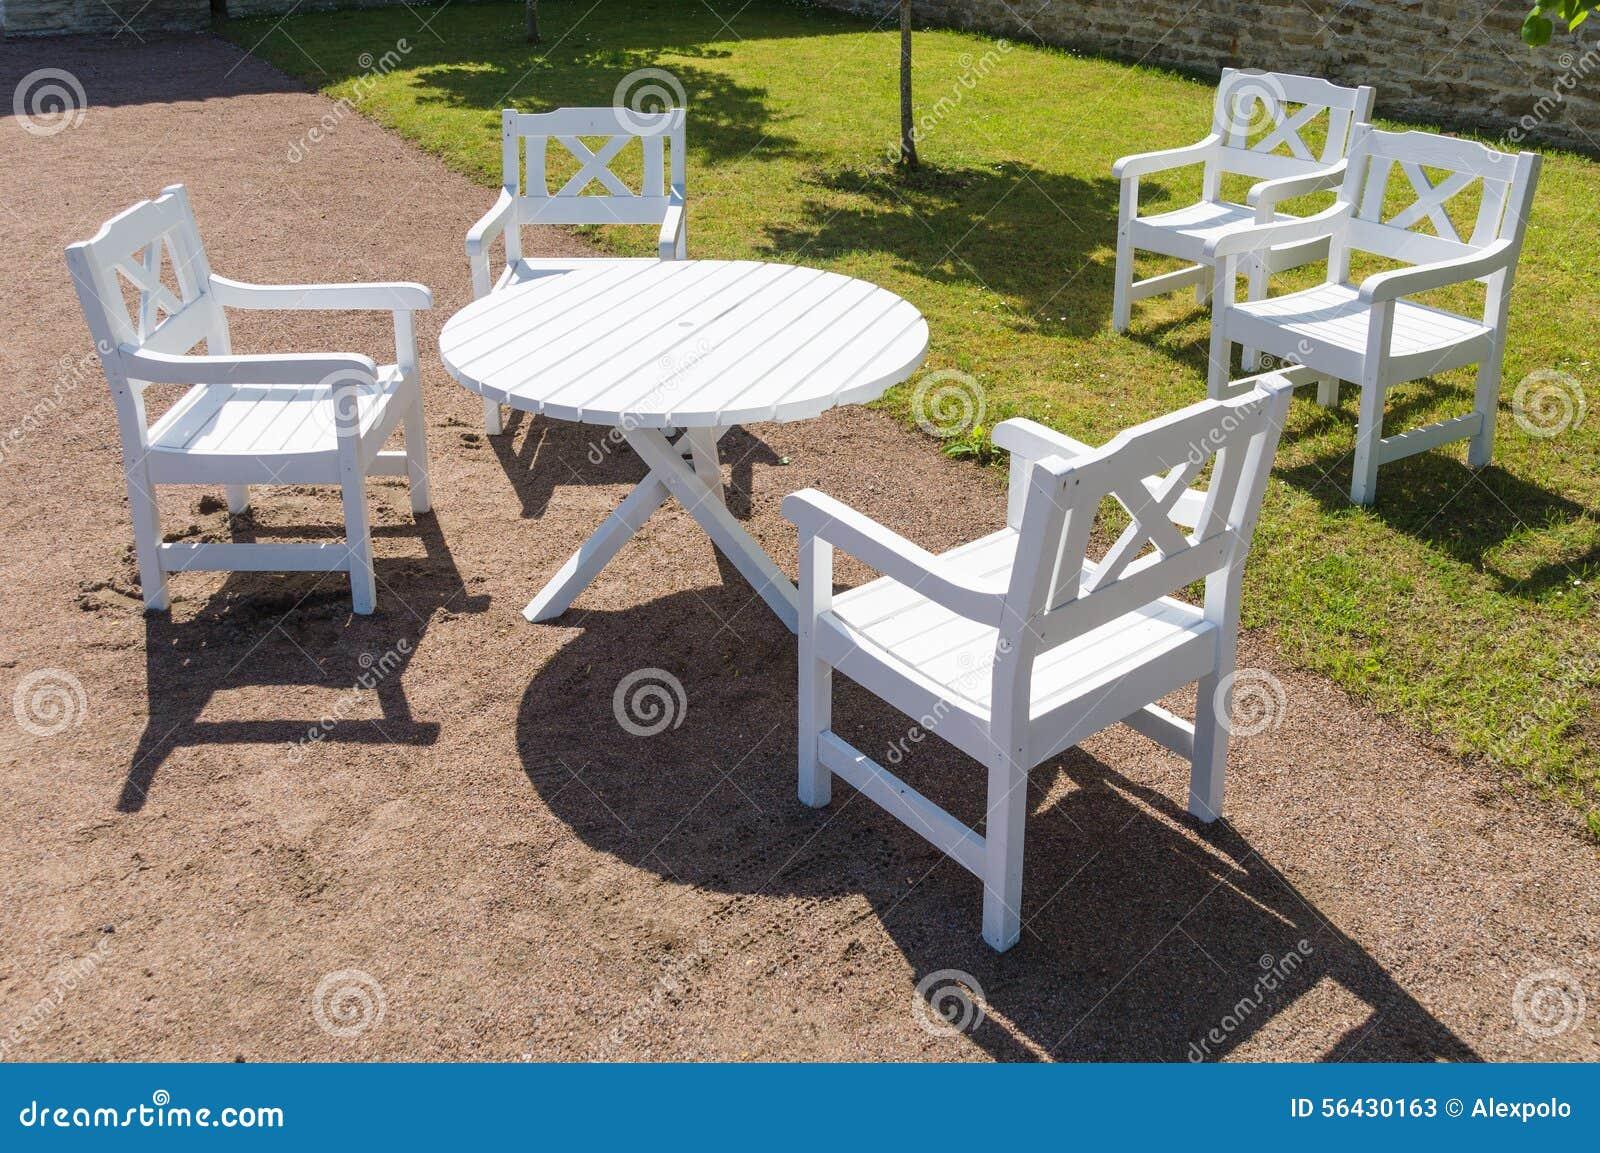 Mesa redonda y sillas blancas en jard n foto de archivo for Sillas jardin blancas